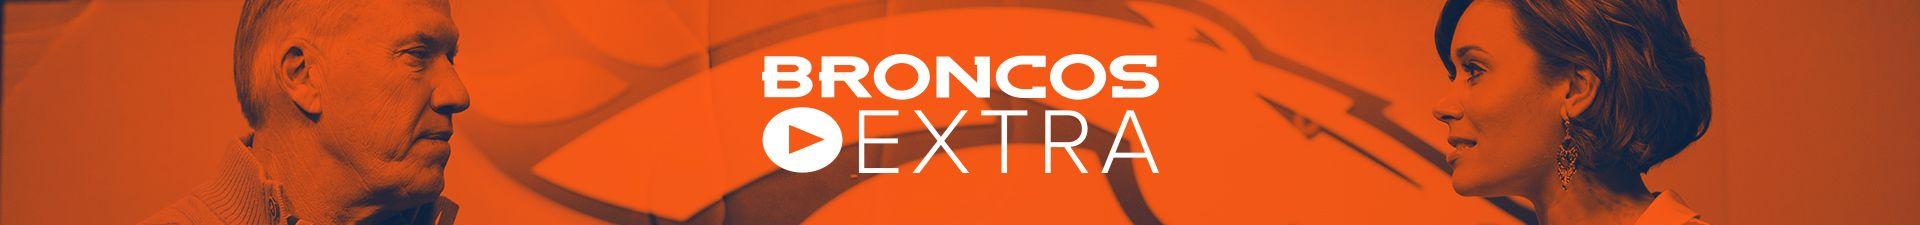 broncos_extra_hero_1920x225_v2